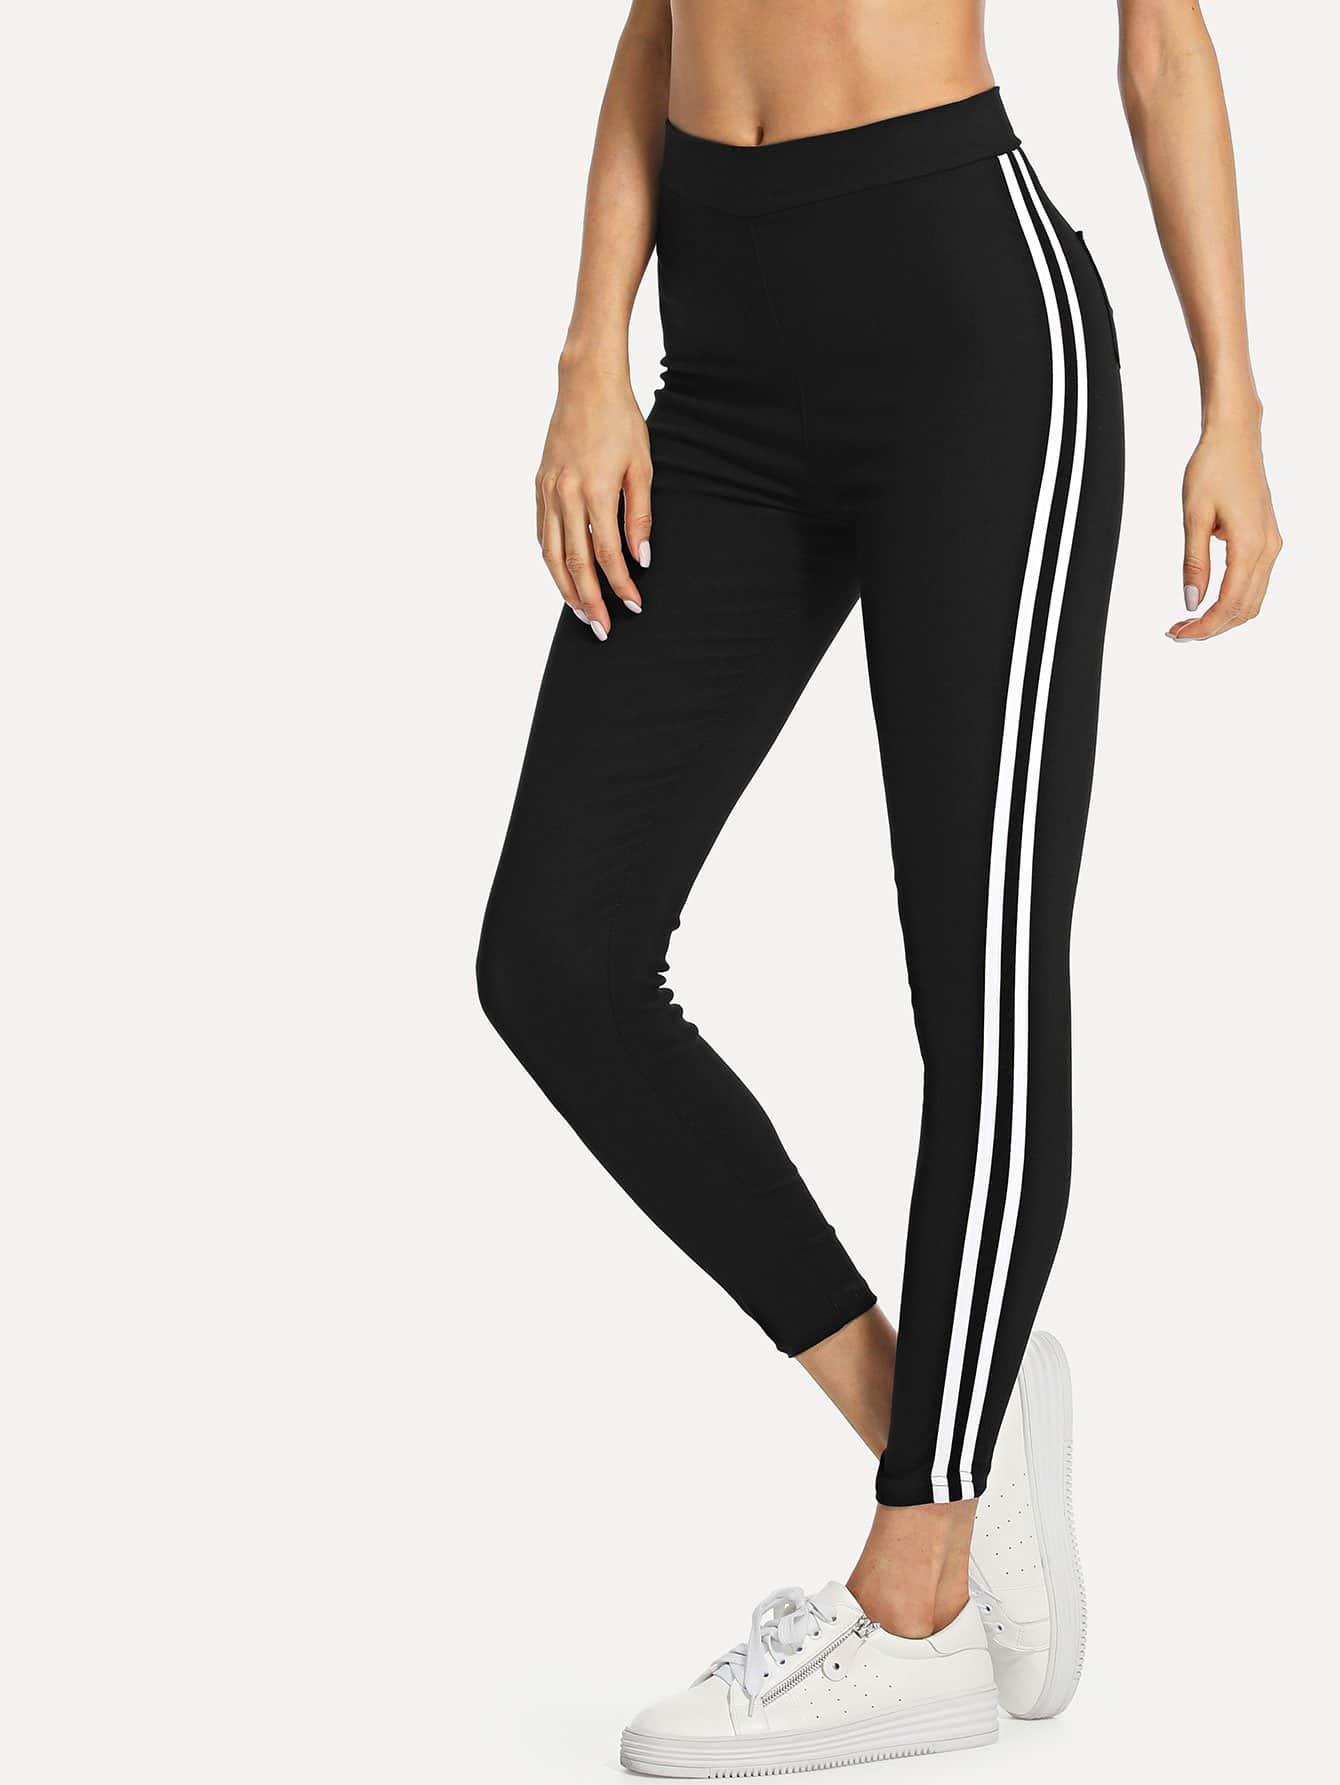 Striped Tape Side Leggings lettering tape side skinny leggings